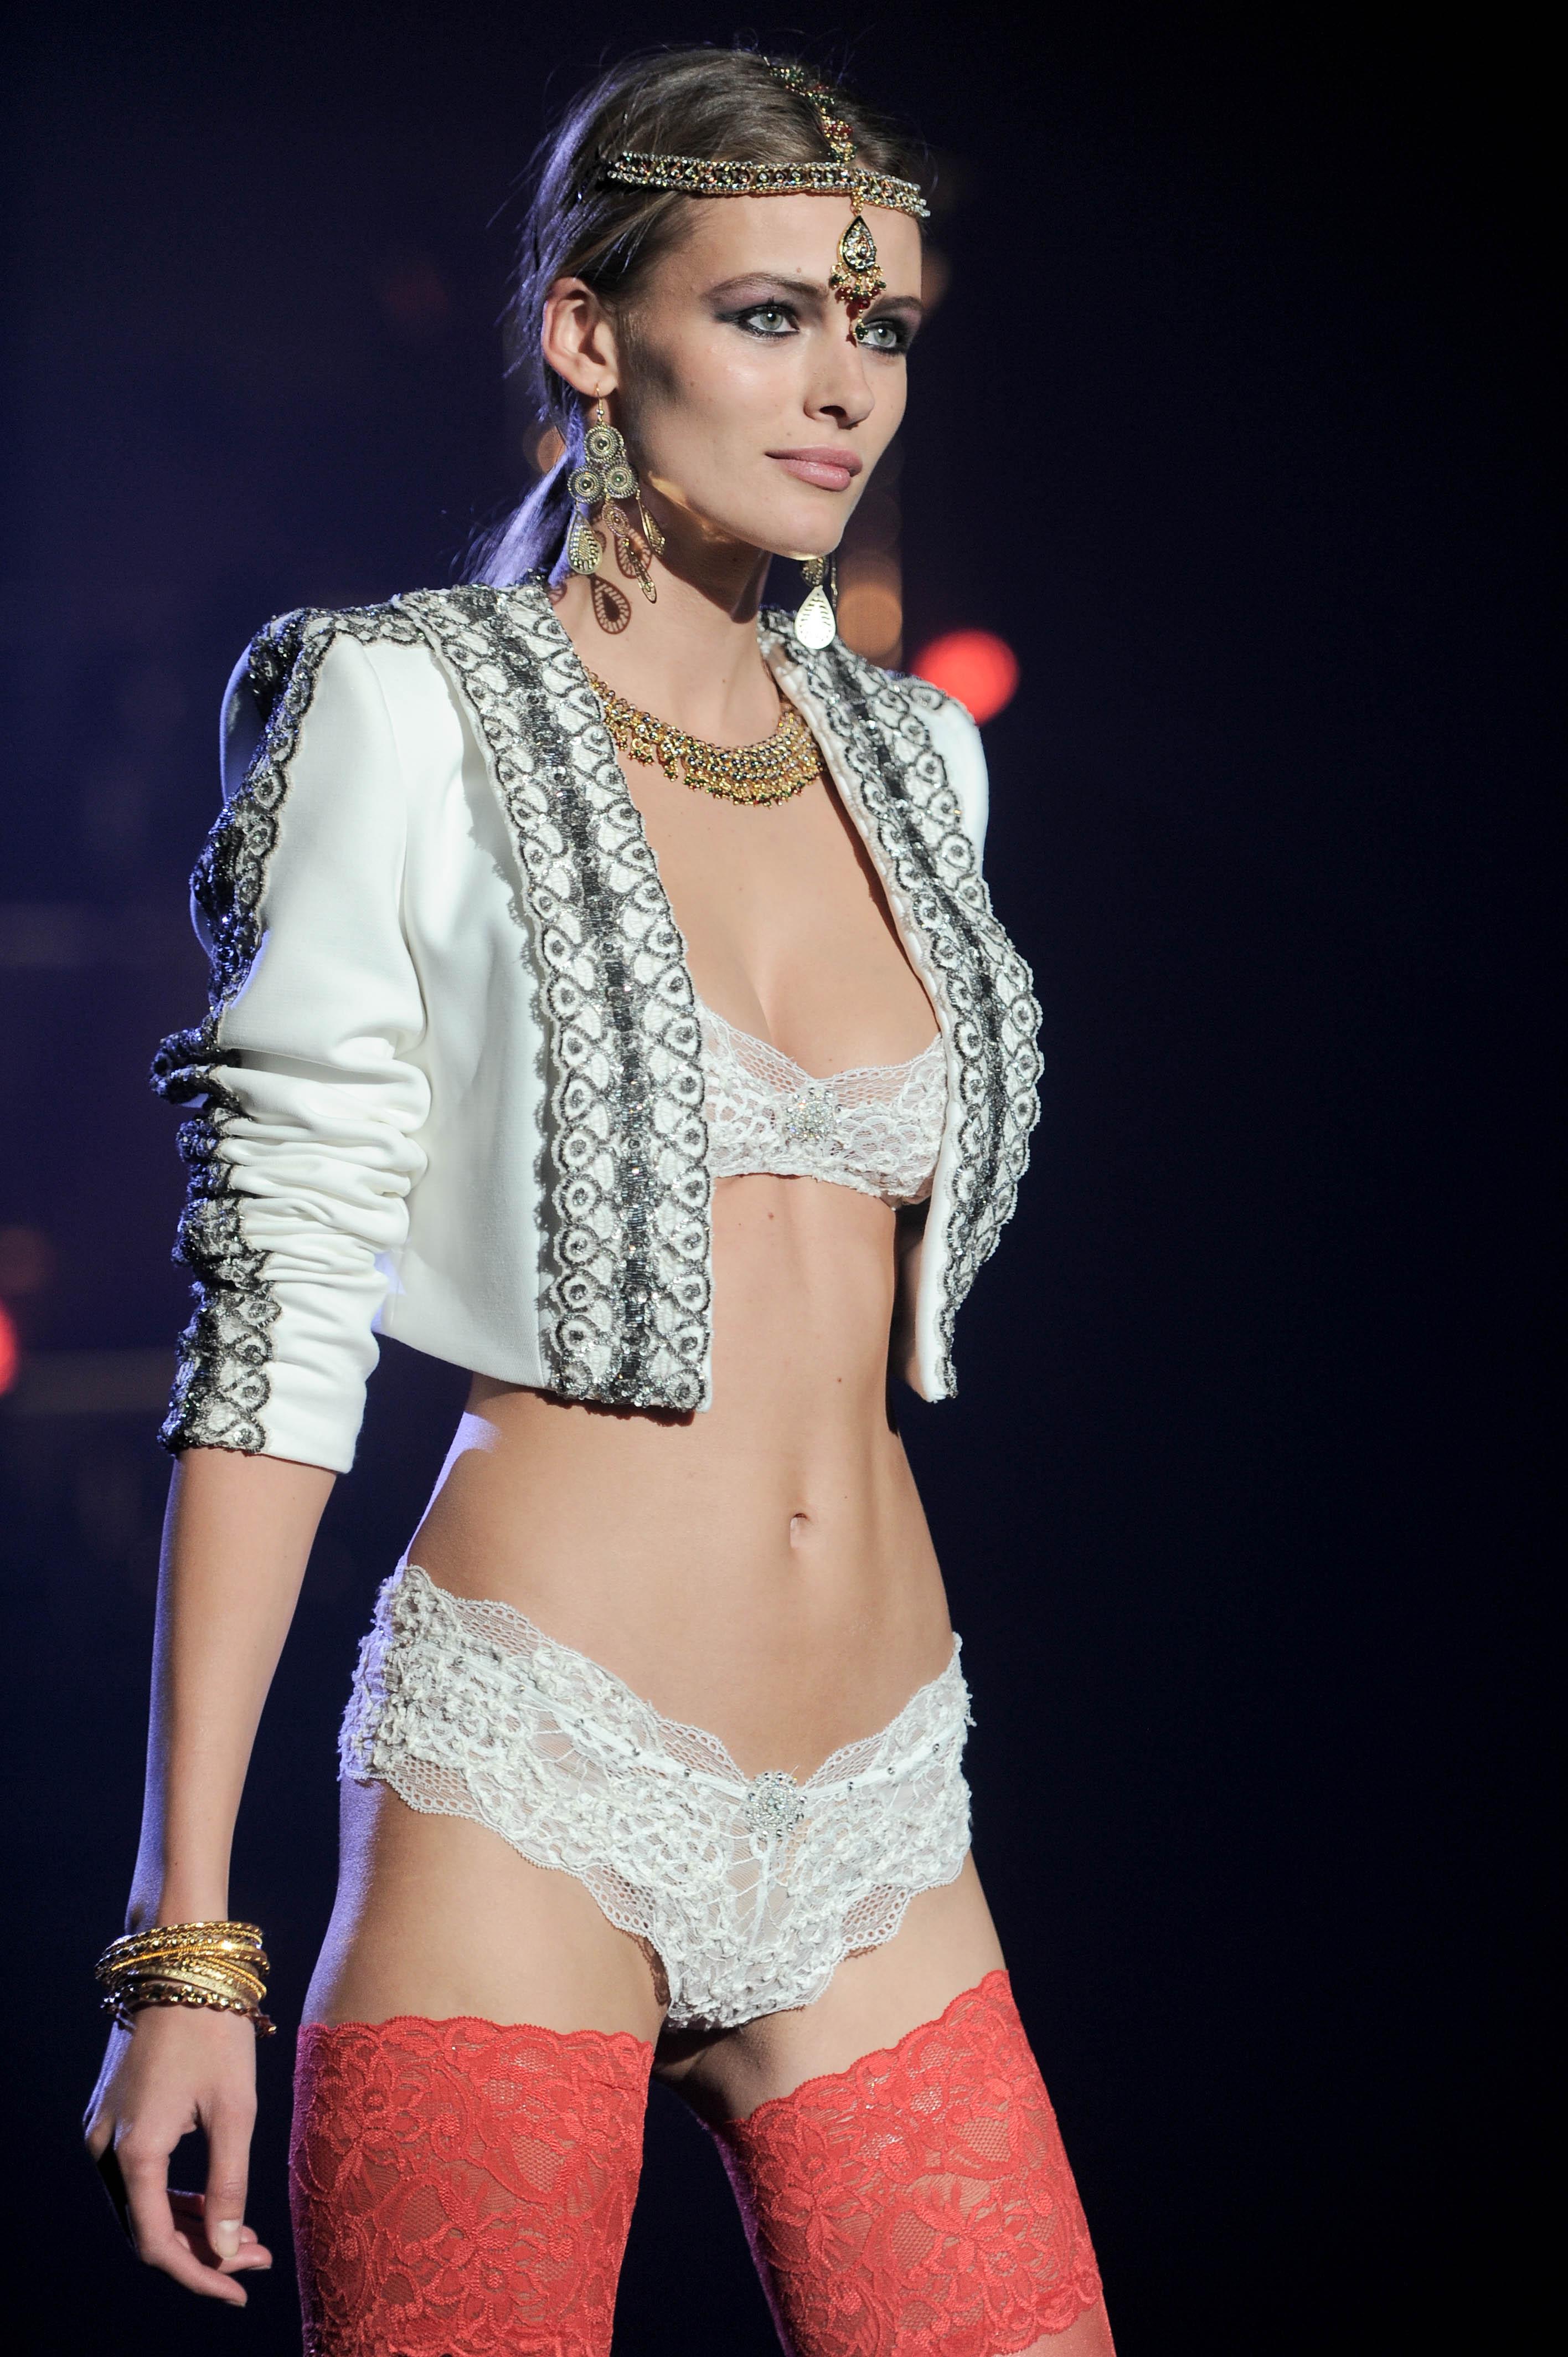 Etam Lingerie – Fashion Show 2013